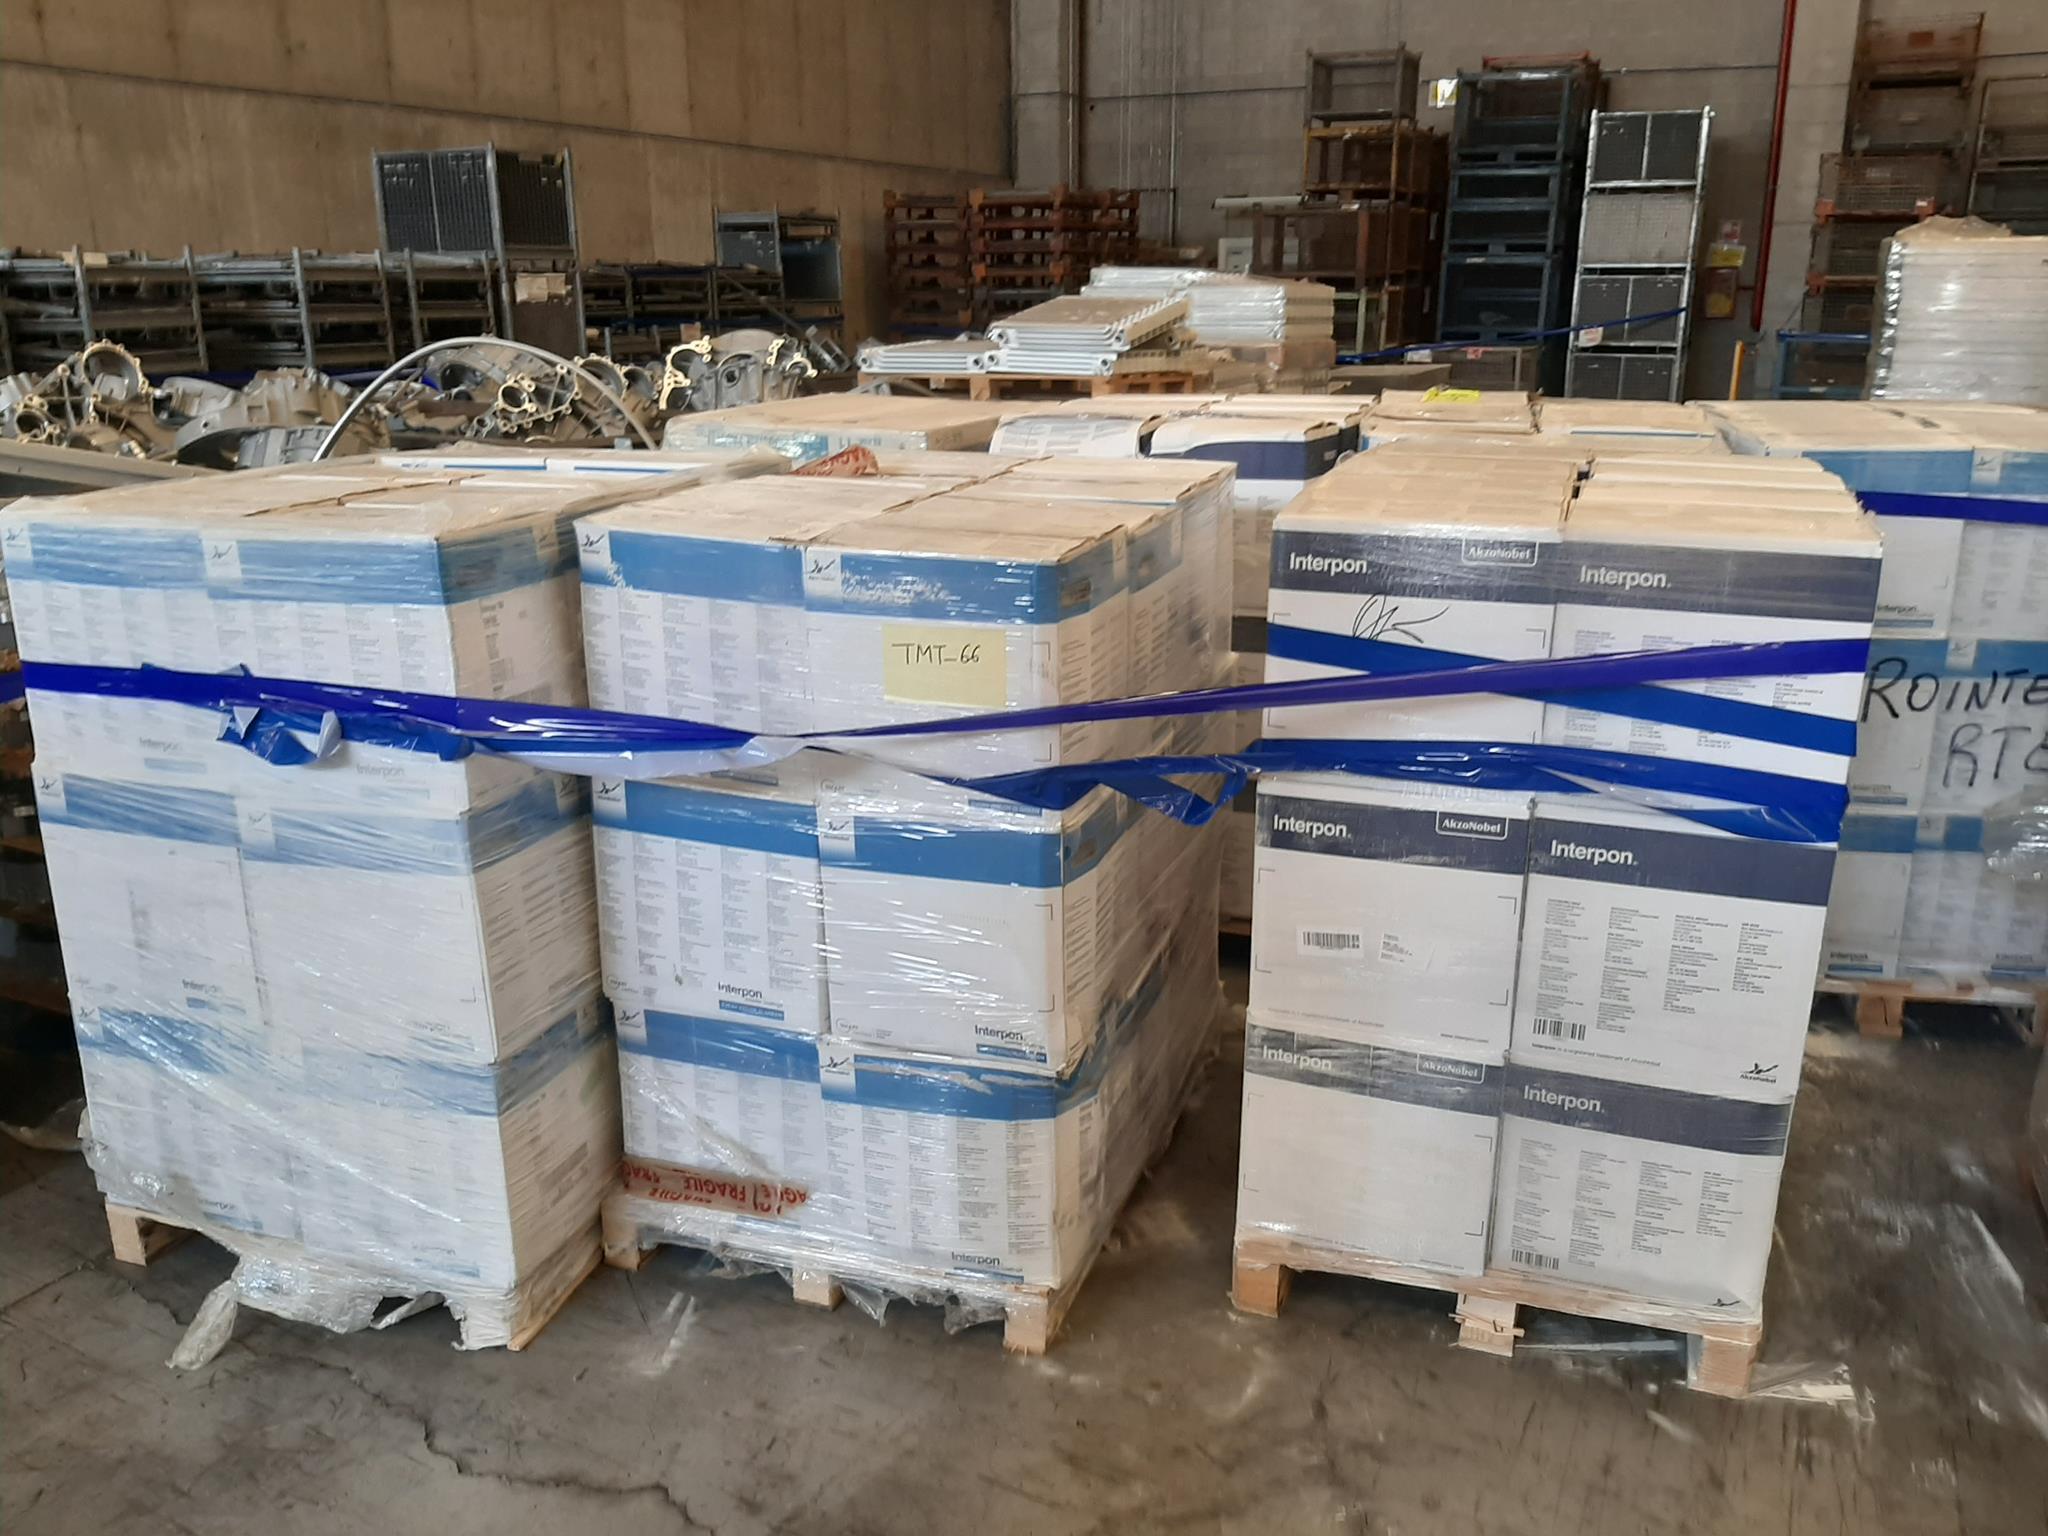 Scatole polvere verniciante e materiale in vendita - foto 1